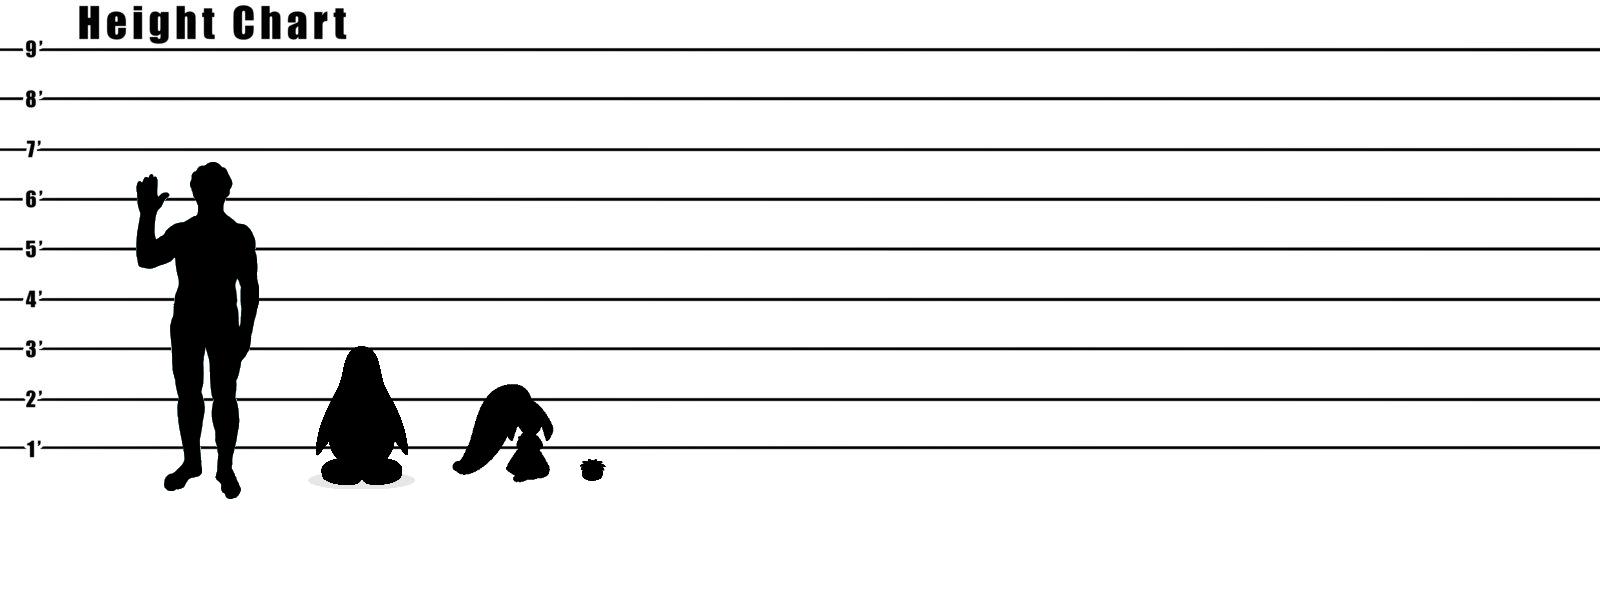 image human size comparison chart png club penguin wiki fandom